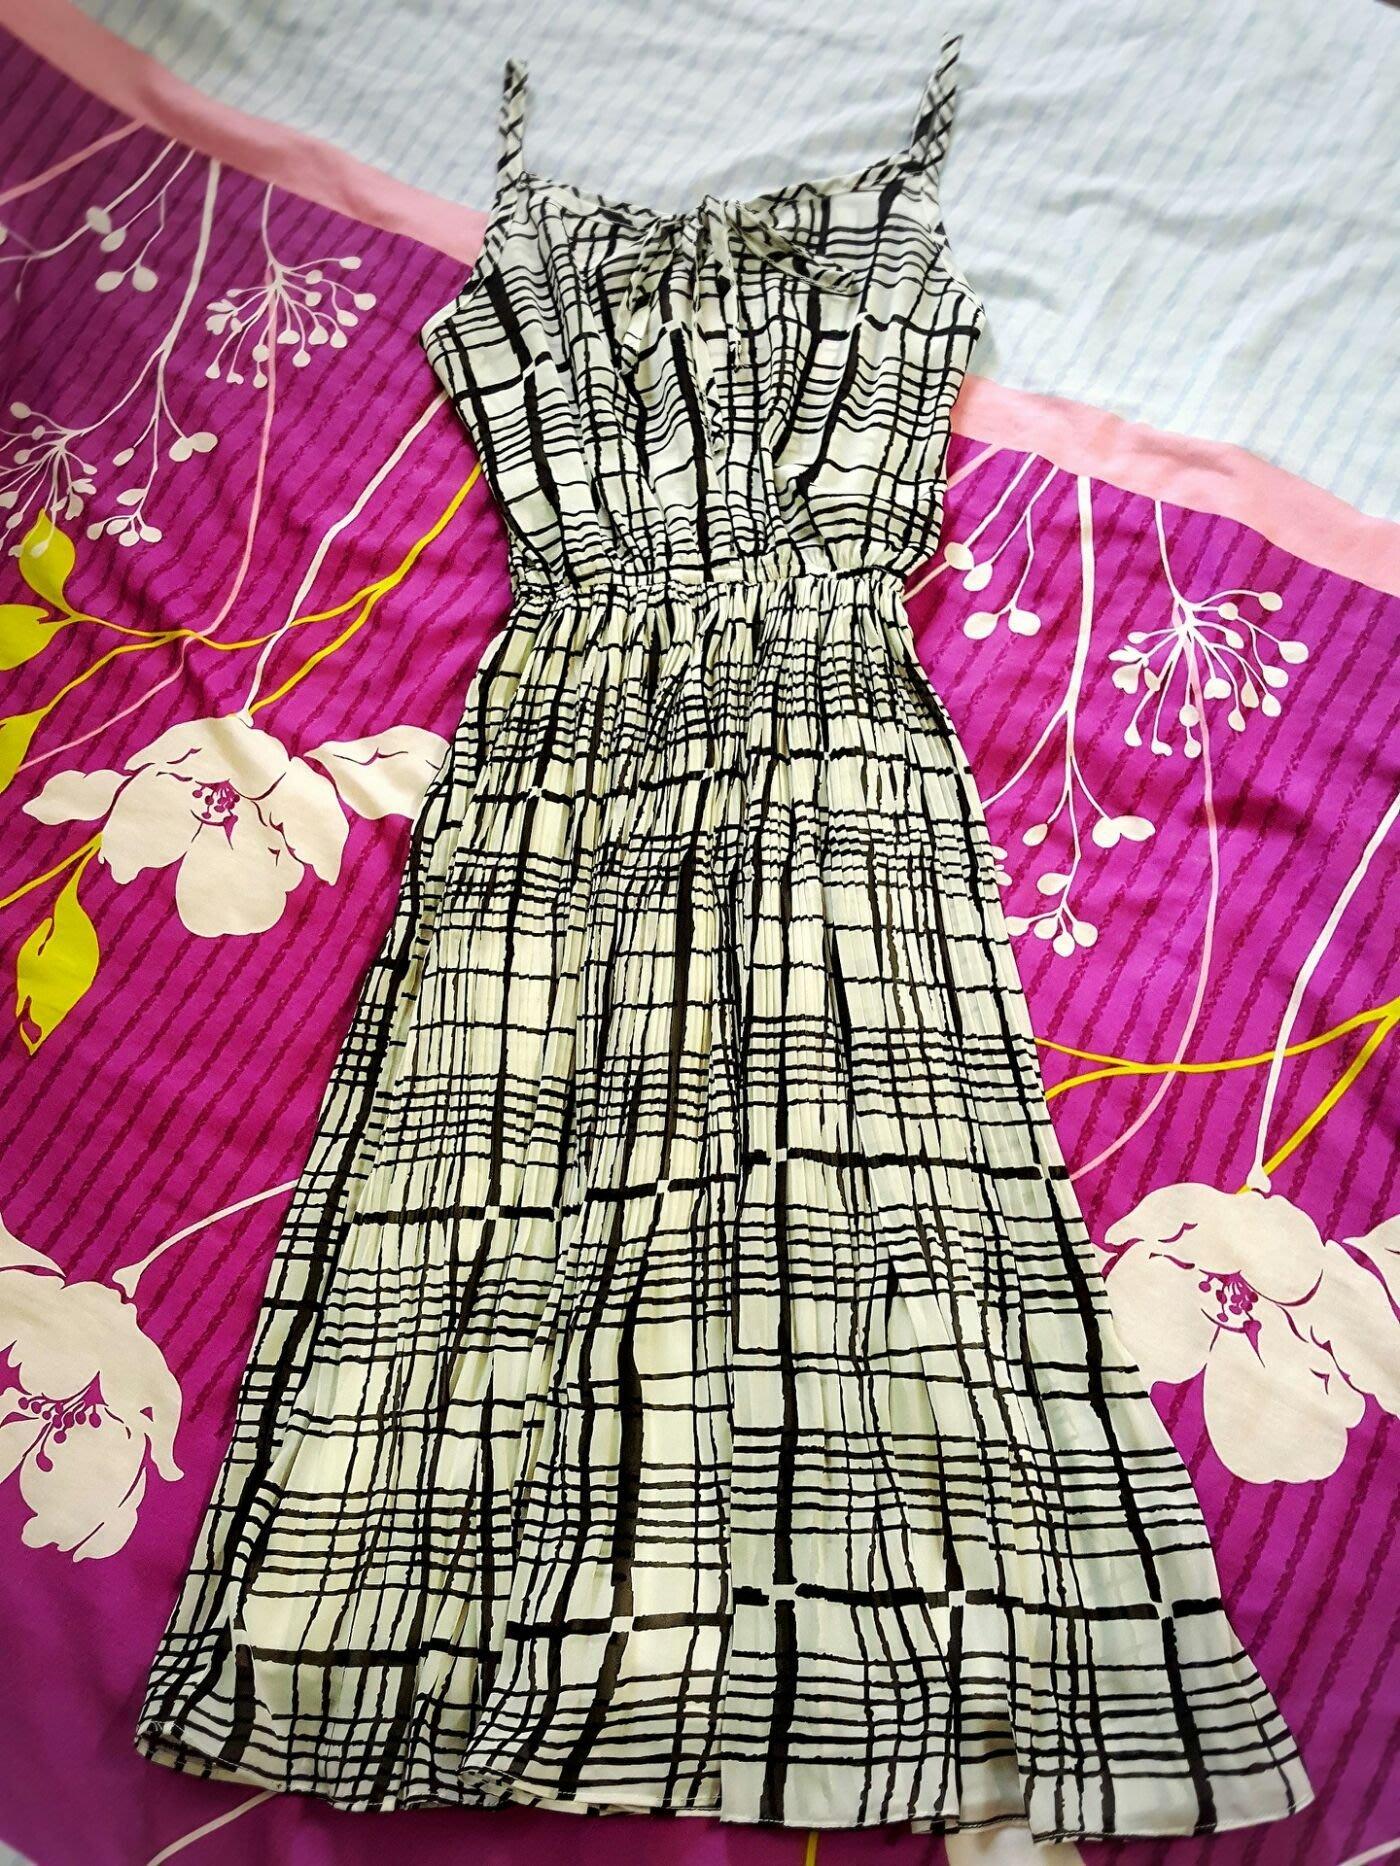 NET 4號 黑白色格子雪紡紗 度假風 細肩帶 胸前綁帶長洋裝 細百褶長裙 裙子有內裡